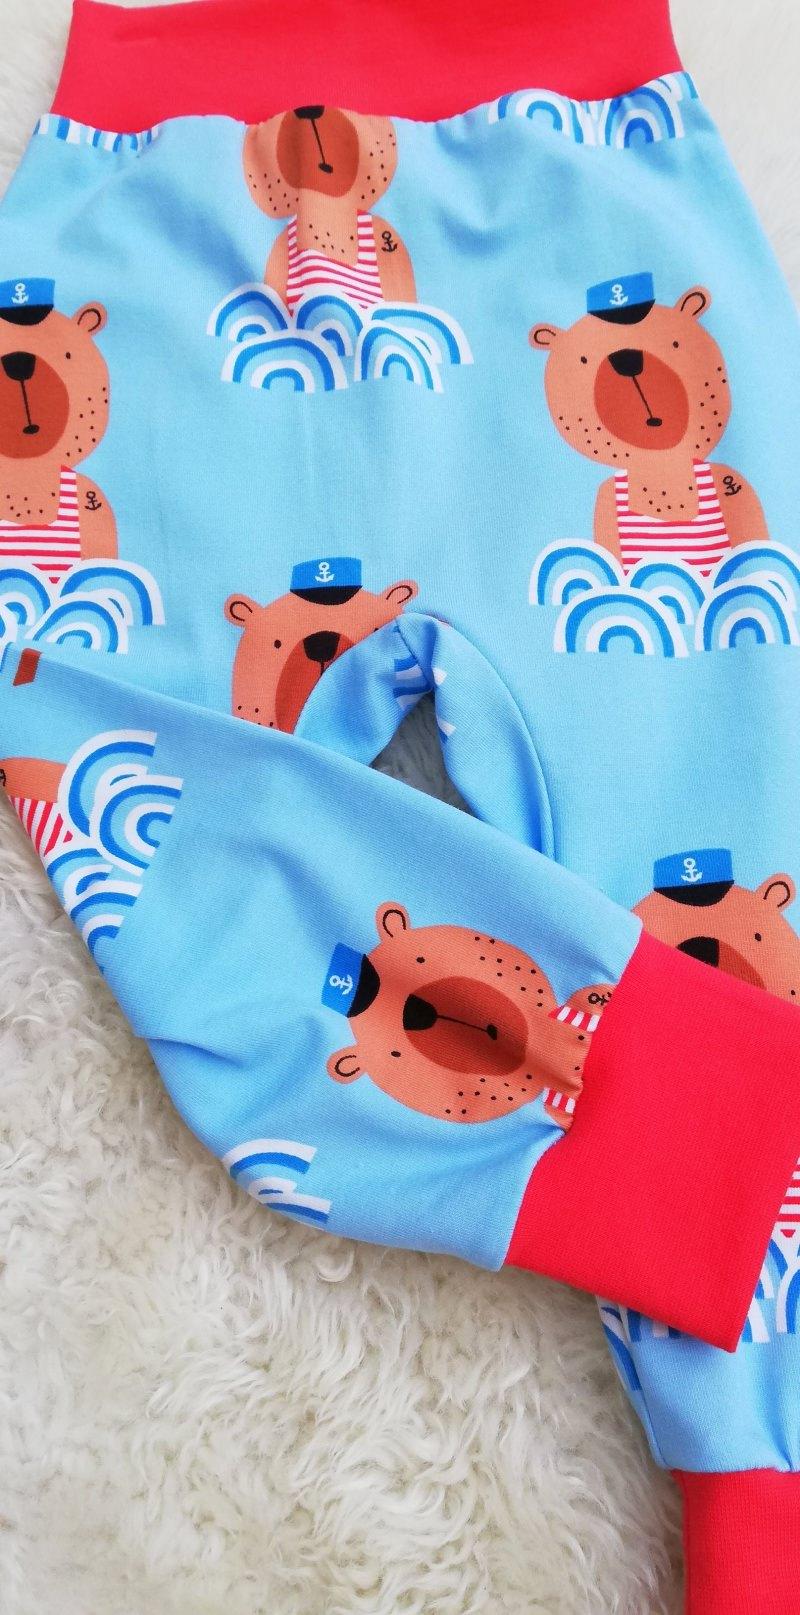 Kleinesbild - Baby Hose Seebär♥maritime Pumphose aus Jersey Größe 62/68♥handgenähte Hose hellblau für Babys